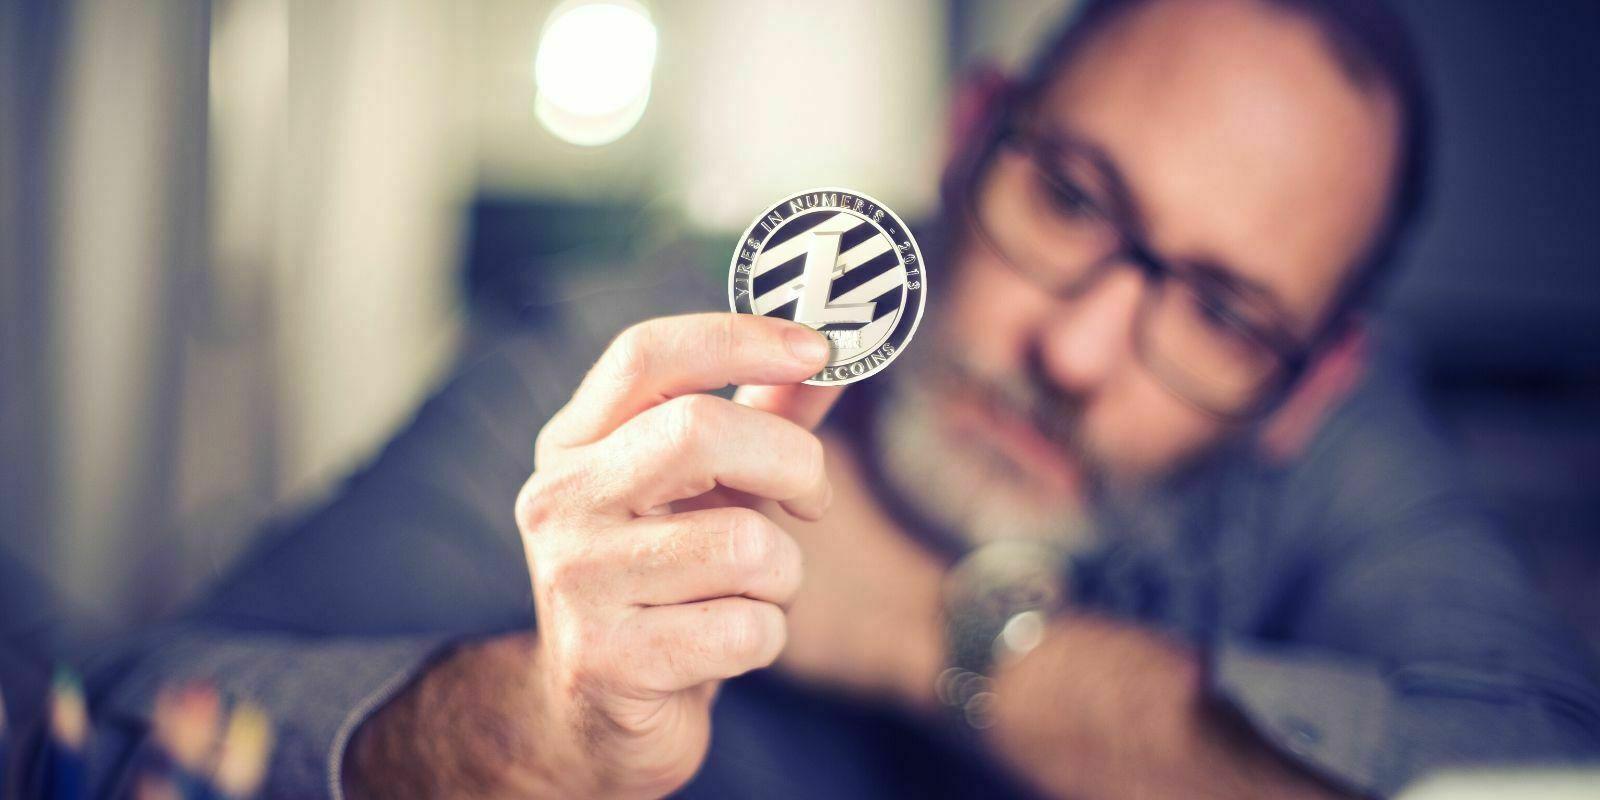 La Fondation Litecoin s'associe à Cred pour offrir aux holdeurs un revenu passif